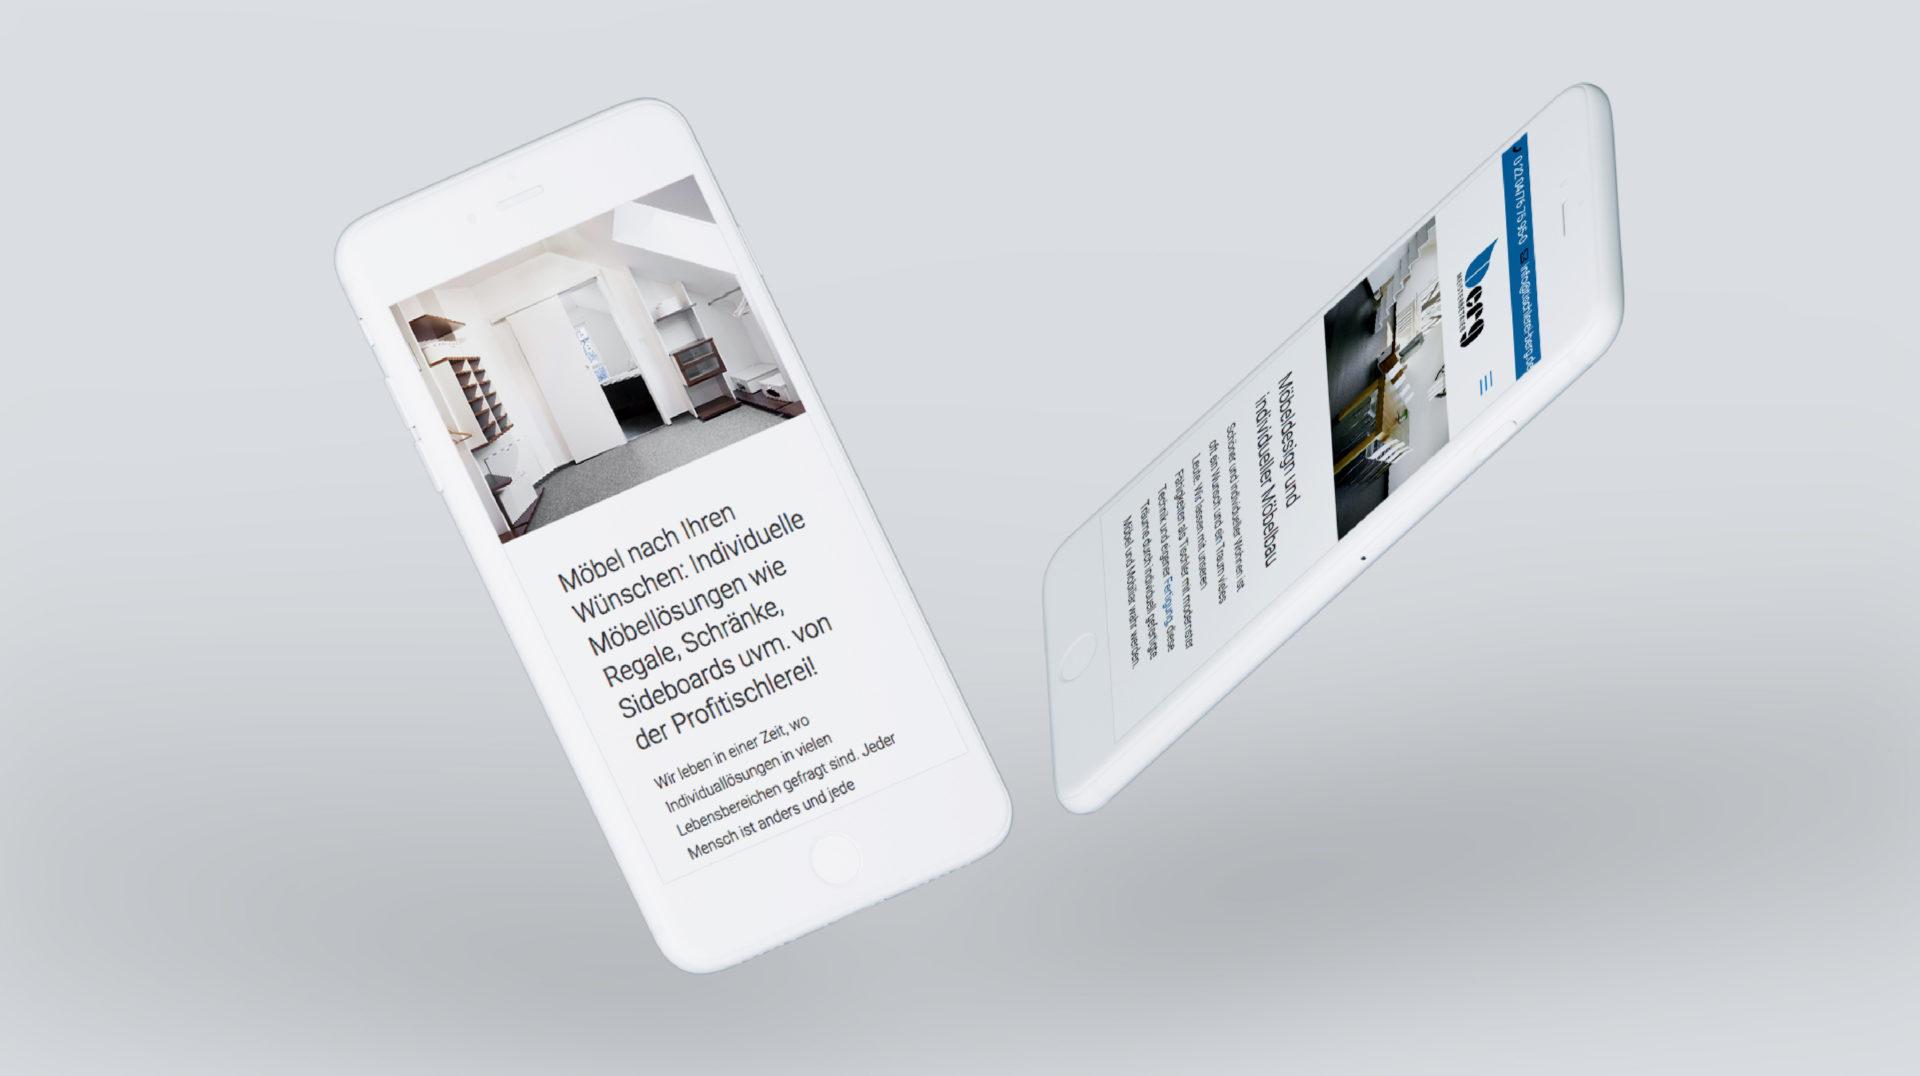 Tischlerei Berg Referenz 3 Mobile Responsive Webdesign